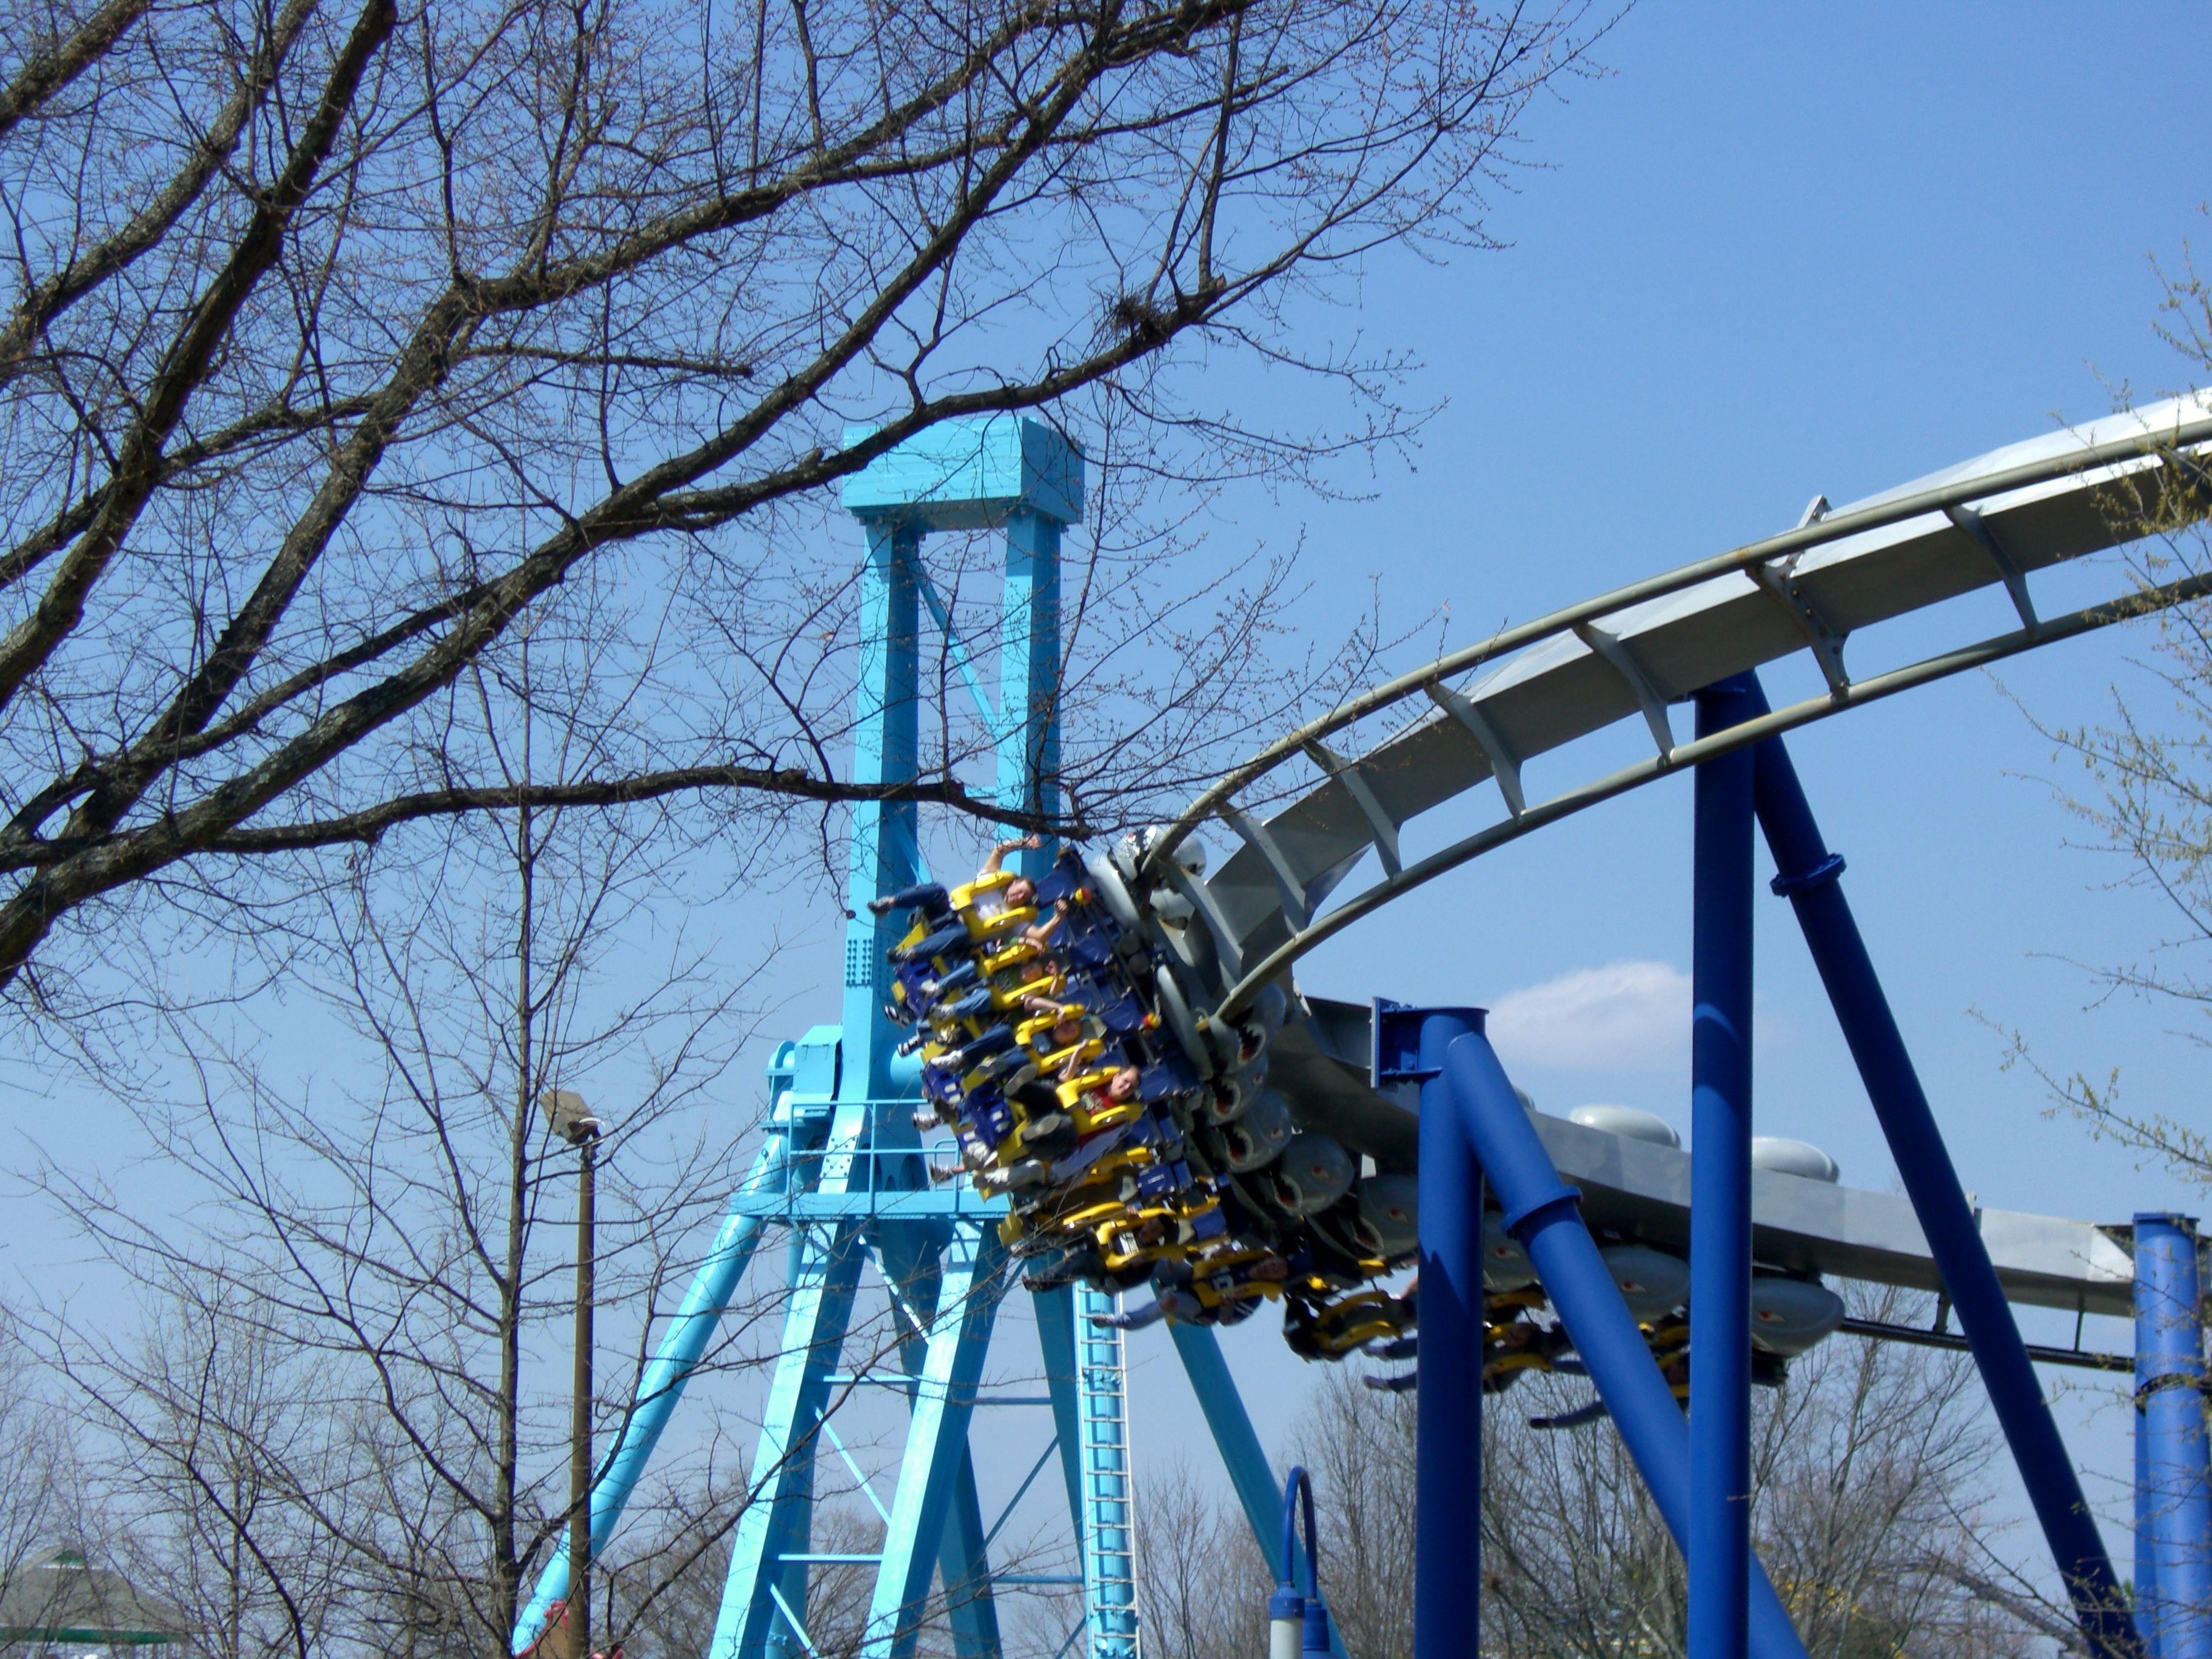 Afterburn roller coaster